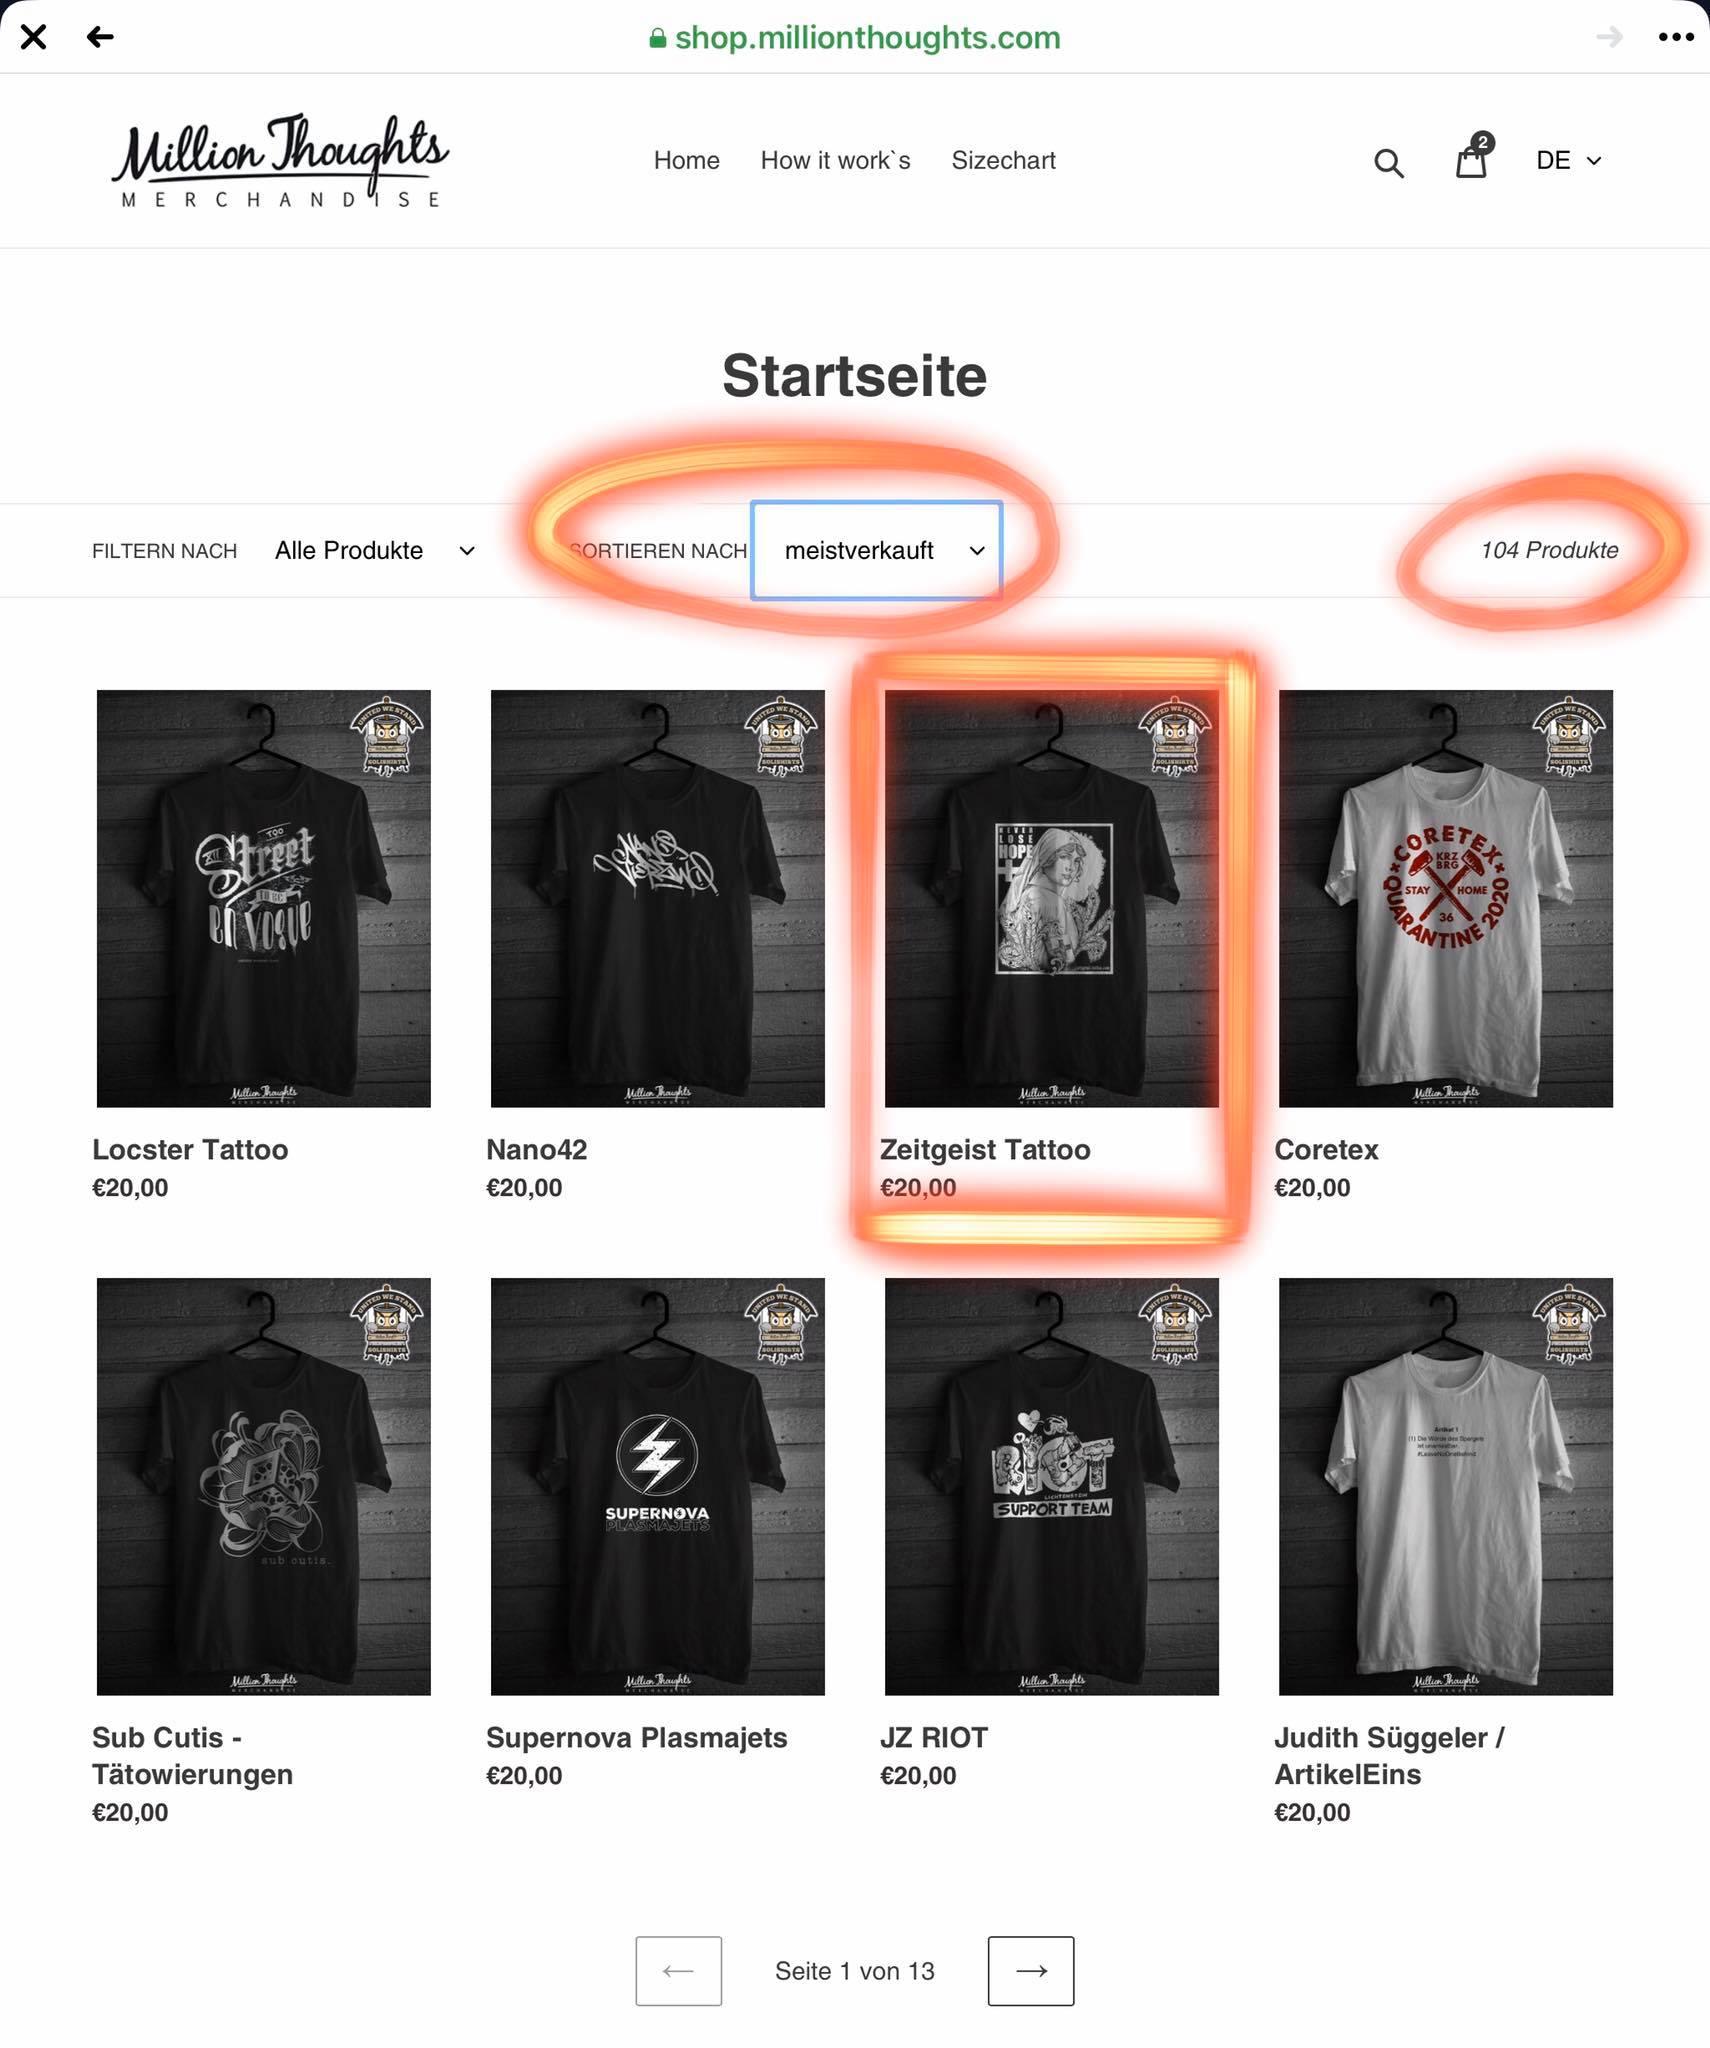 Unsere Soli-Shirt-Aktion ist angelaufen und wir sind absolut überwältigt von eur...